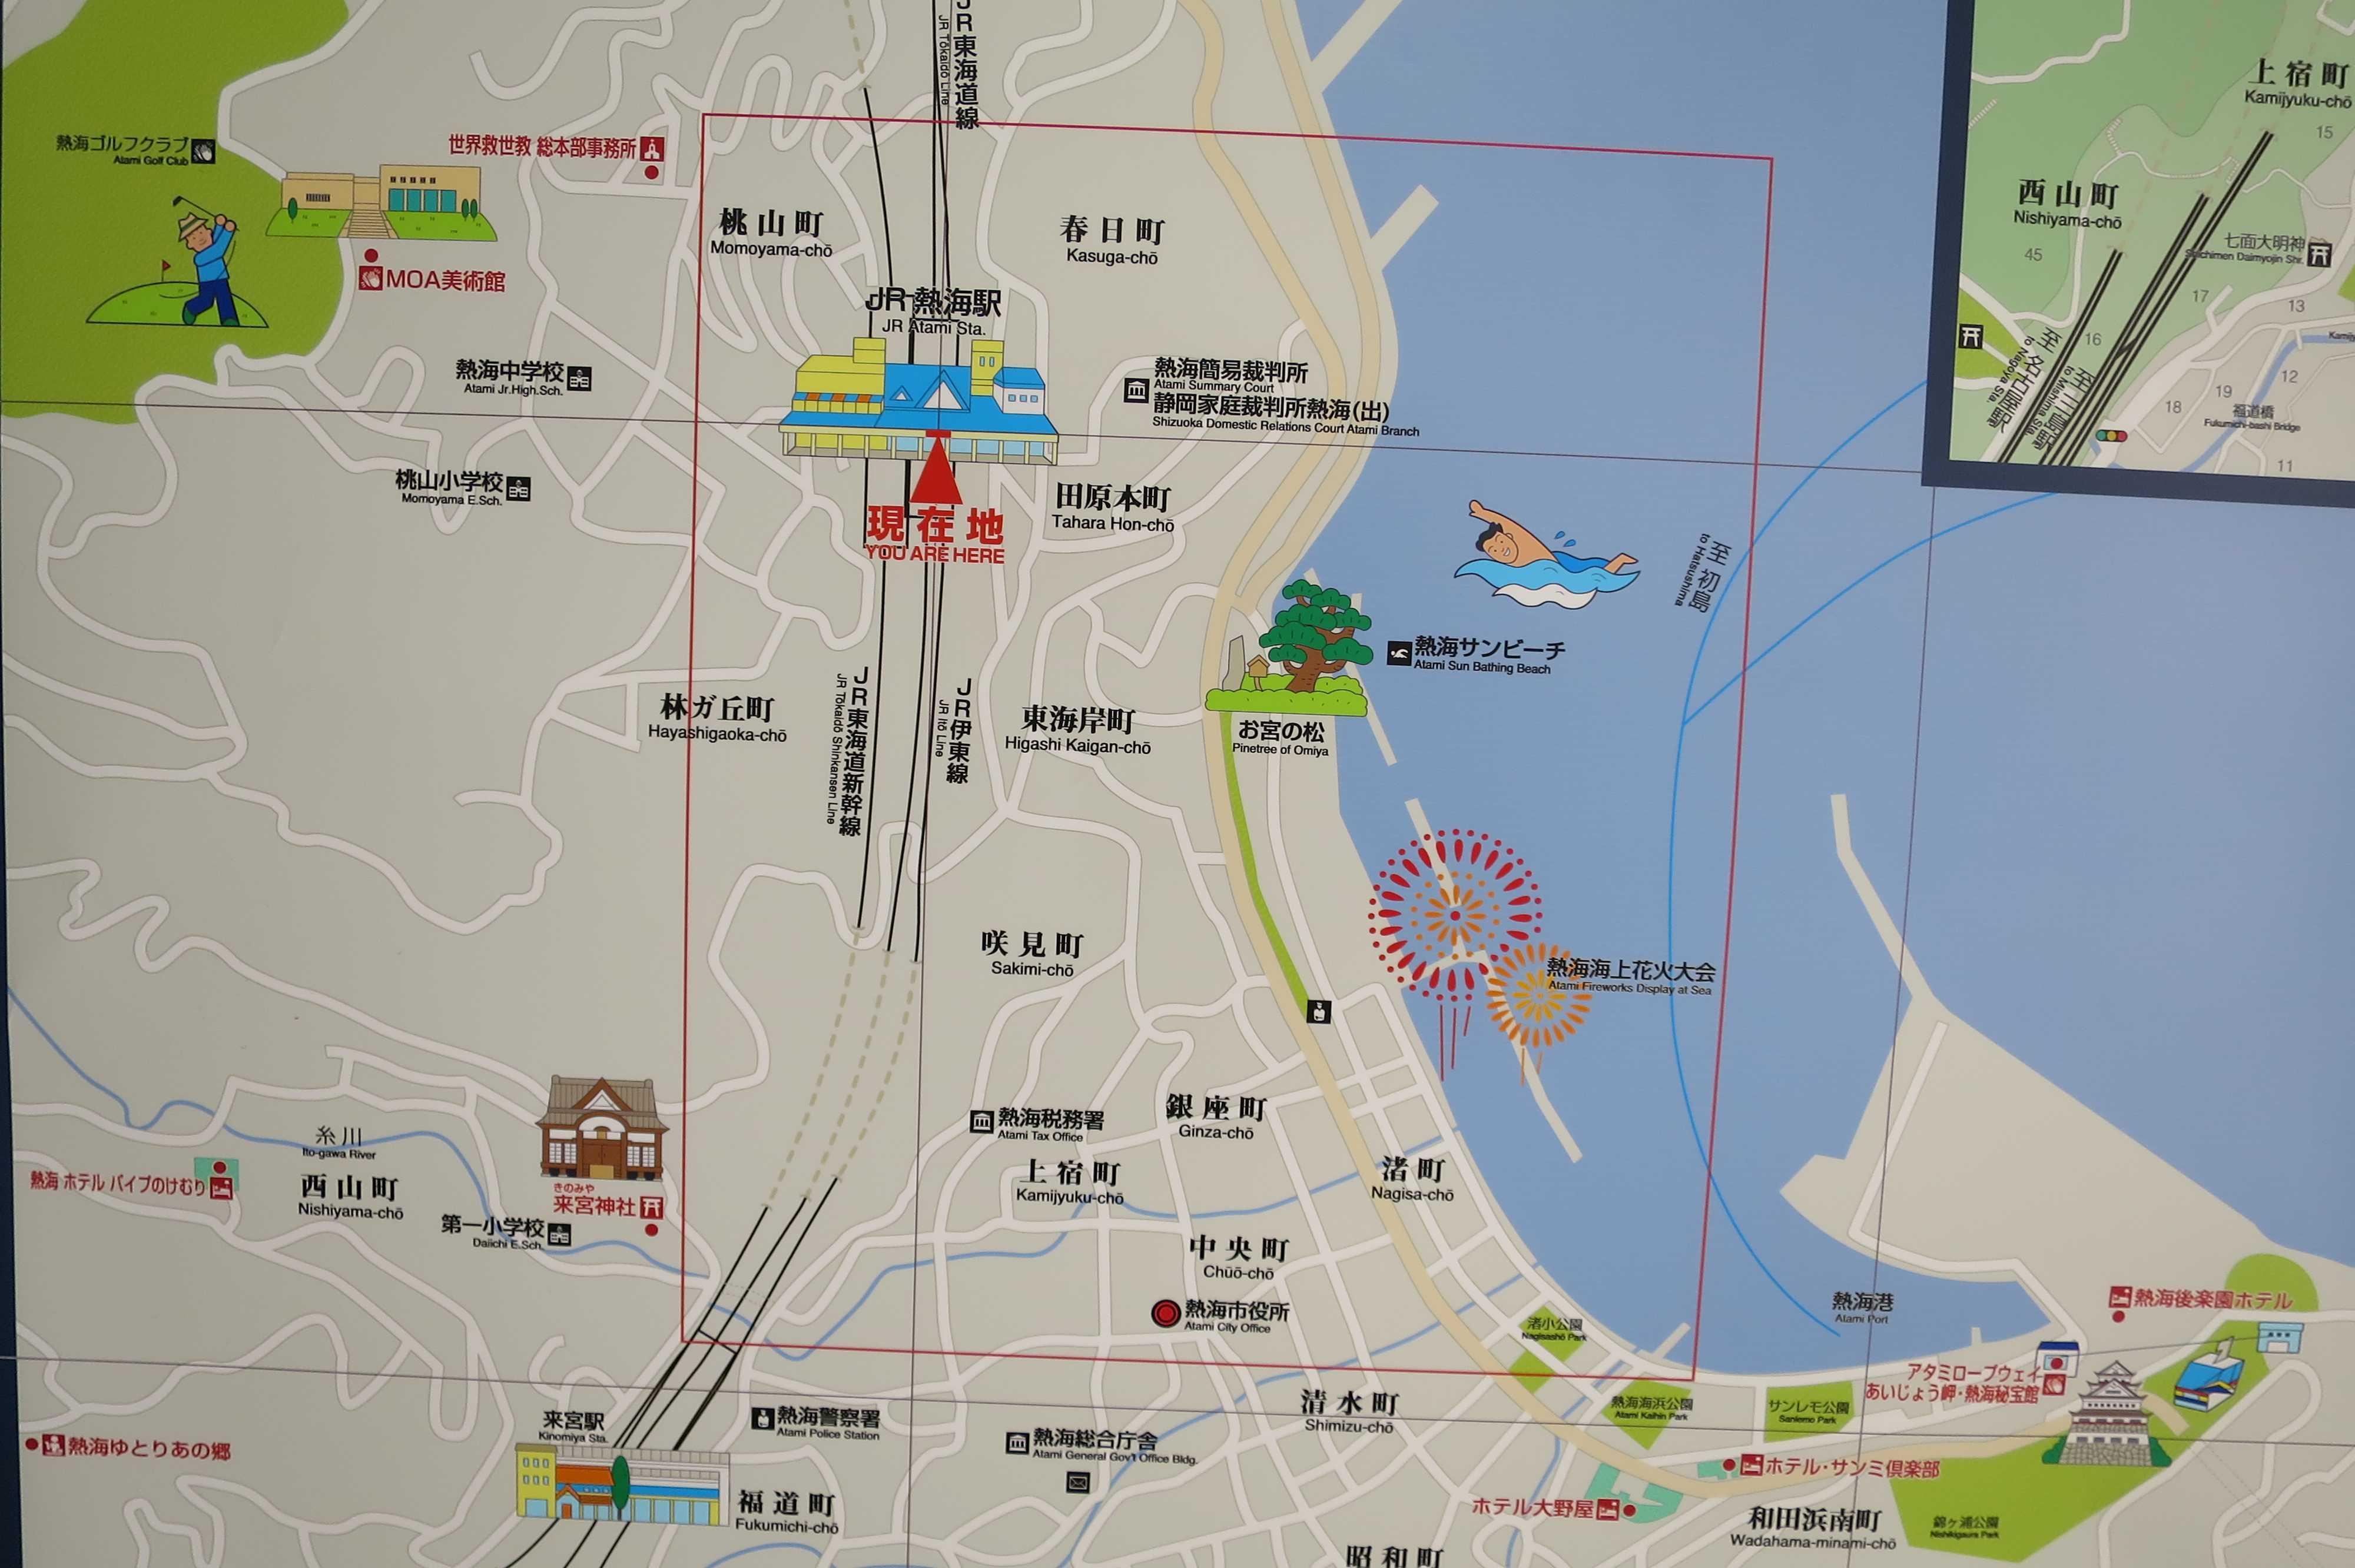 熱海の地図(熱海マップ)